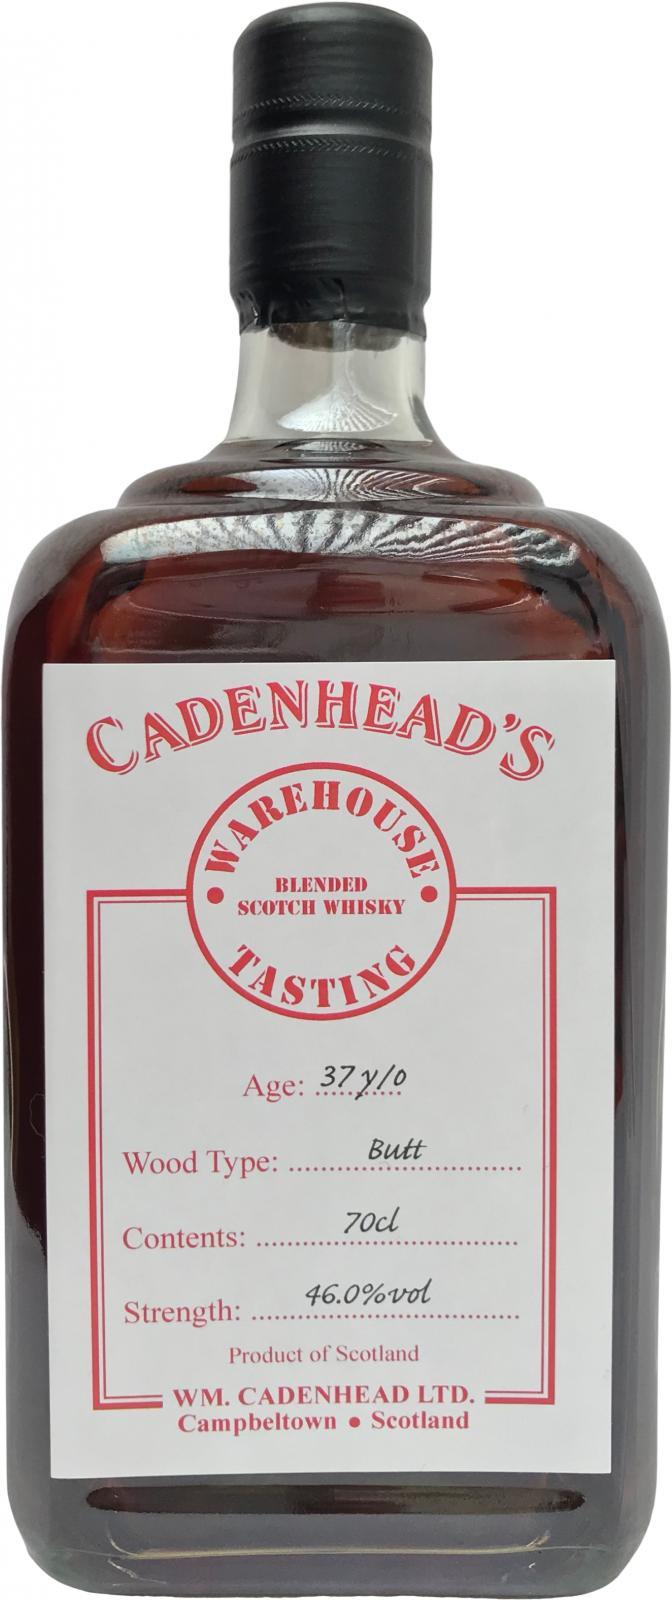 Blended Scotch Whisky 1980 CA